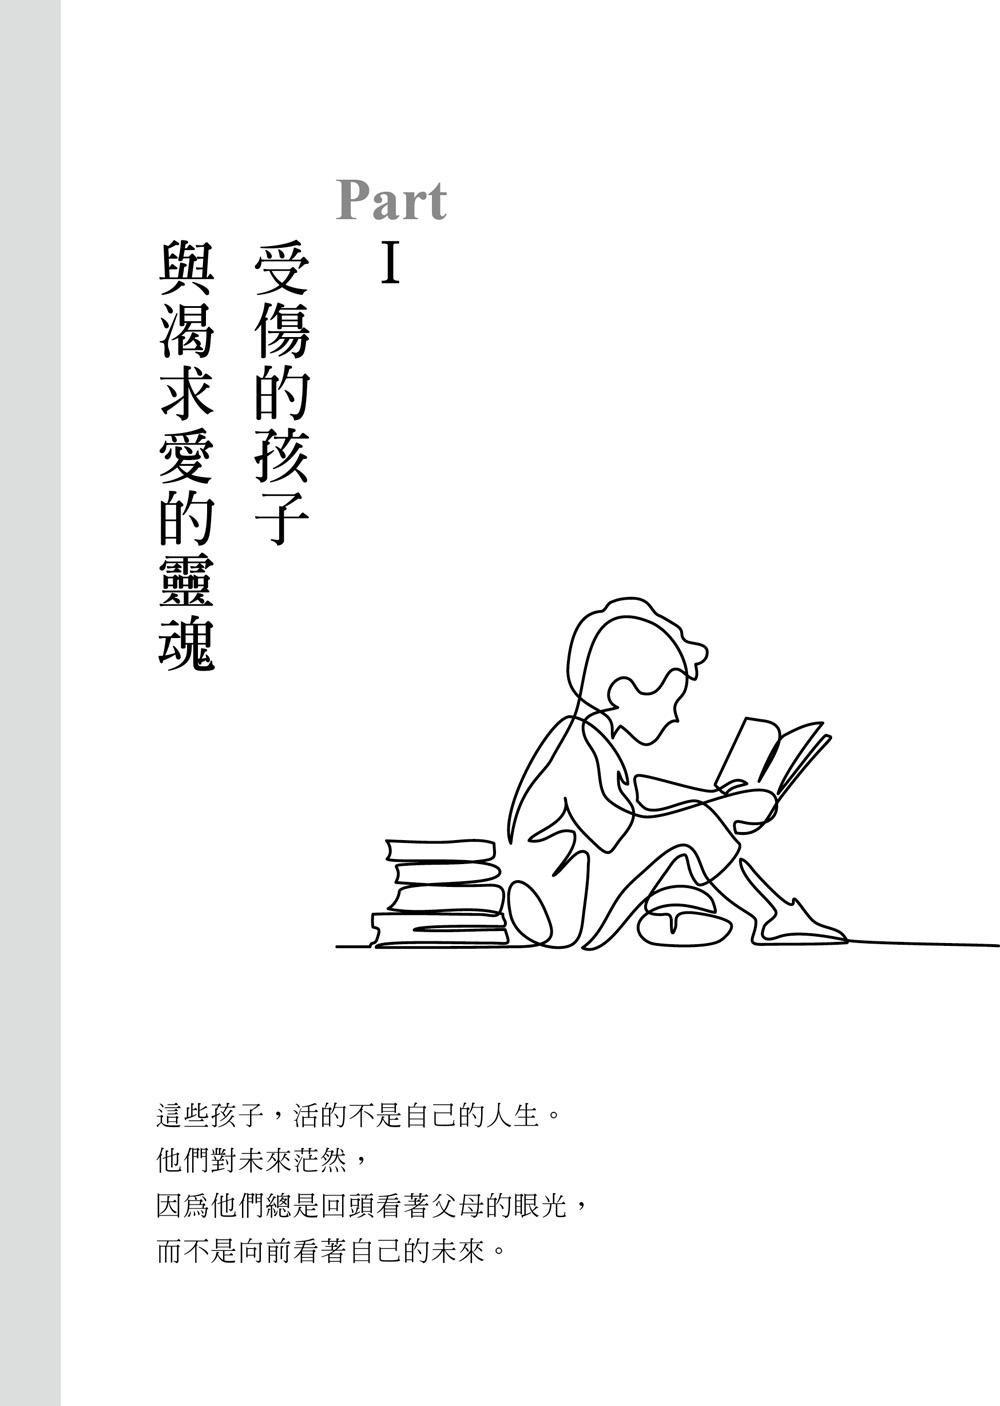 //im1.book.com.tw/image/getImage?i=http://www.books.com.tw/img/001/077/08/0010770814_b_08.jpg&v=5a0c1765&w=655&h=609